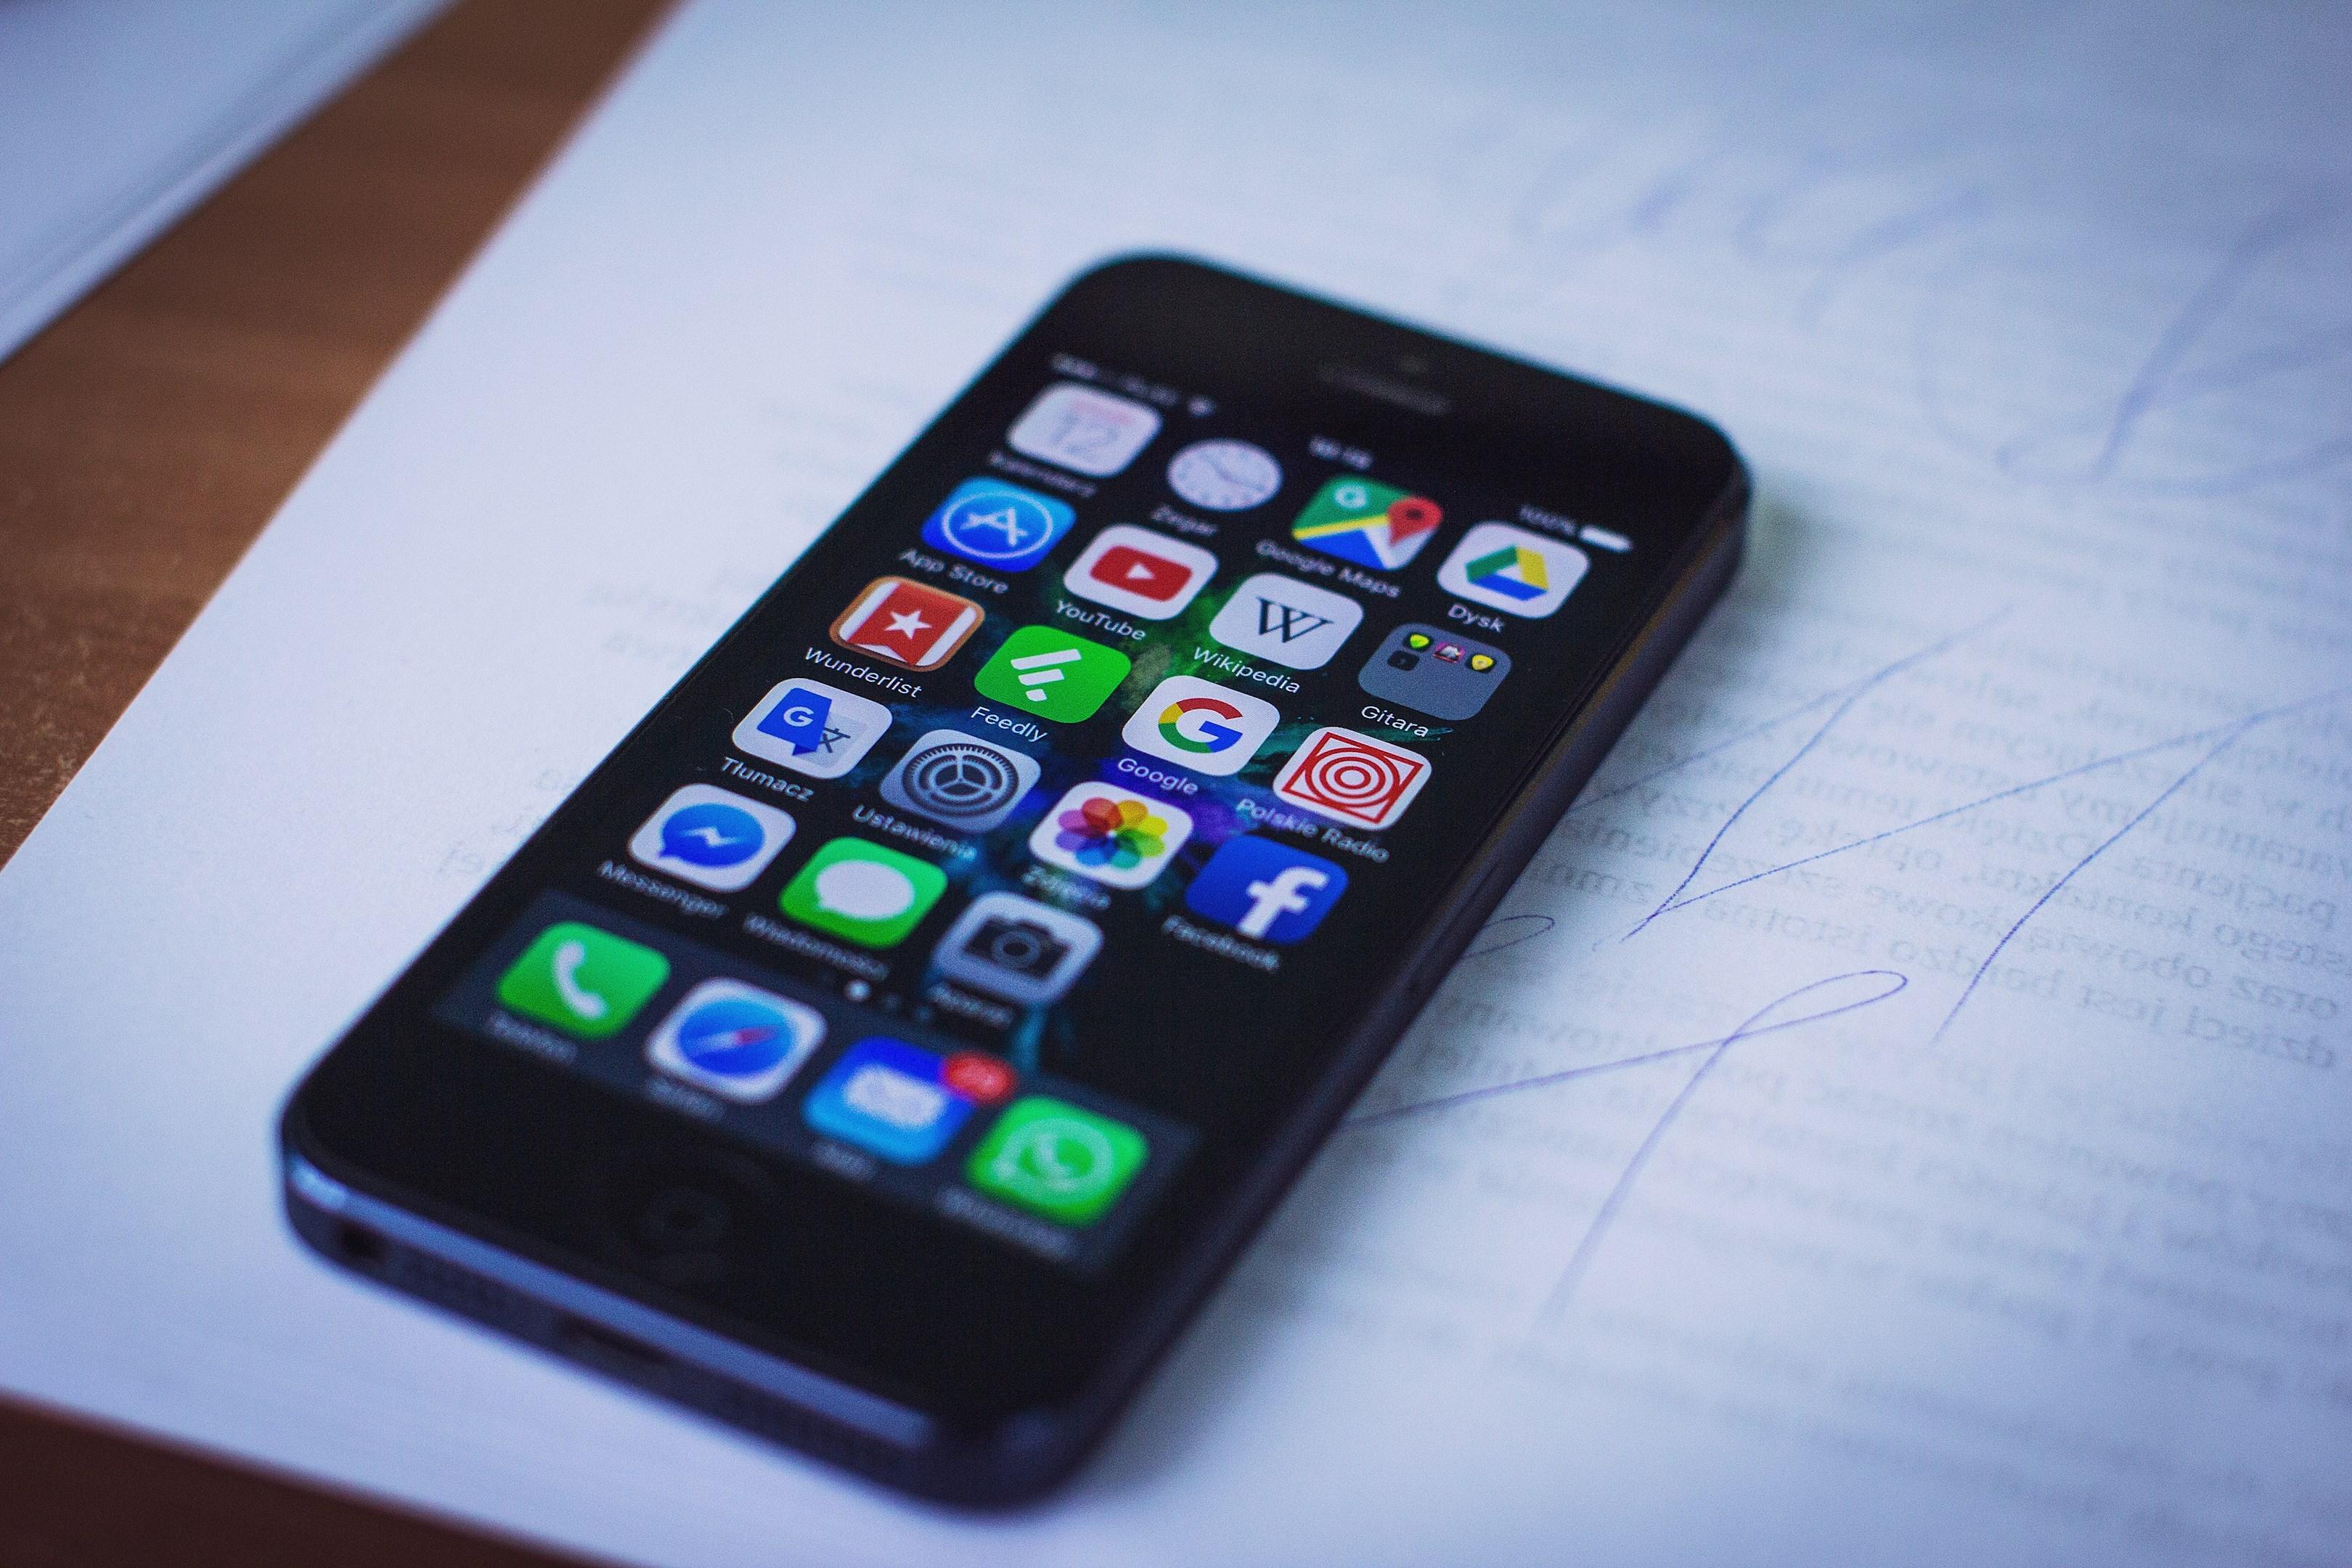 Chytrý telefon neboli smartphone